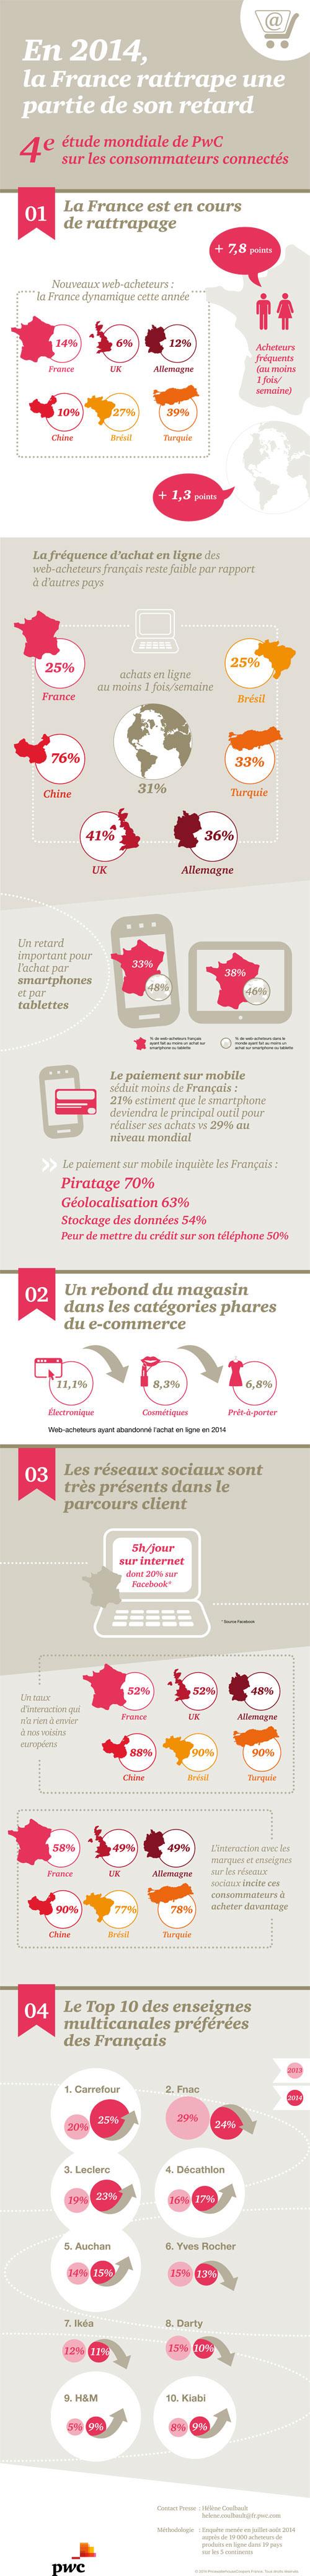 Infographie PWC web acheteurs Français 2014